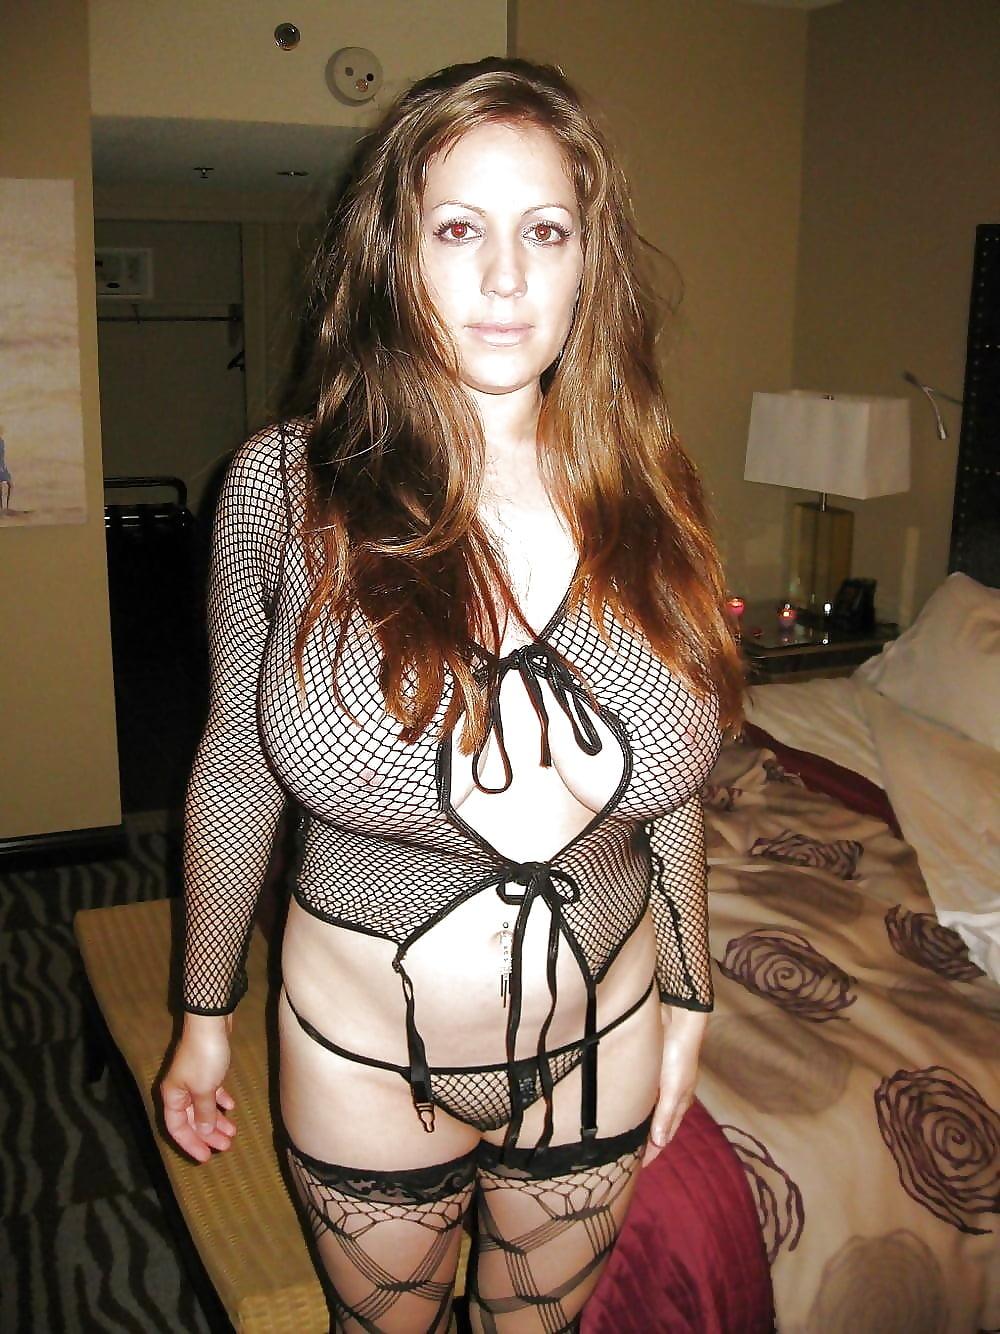 телочка разминает фото русские жены в откровенном белье все обсираю, просто